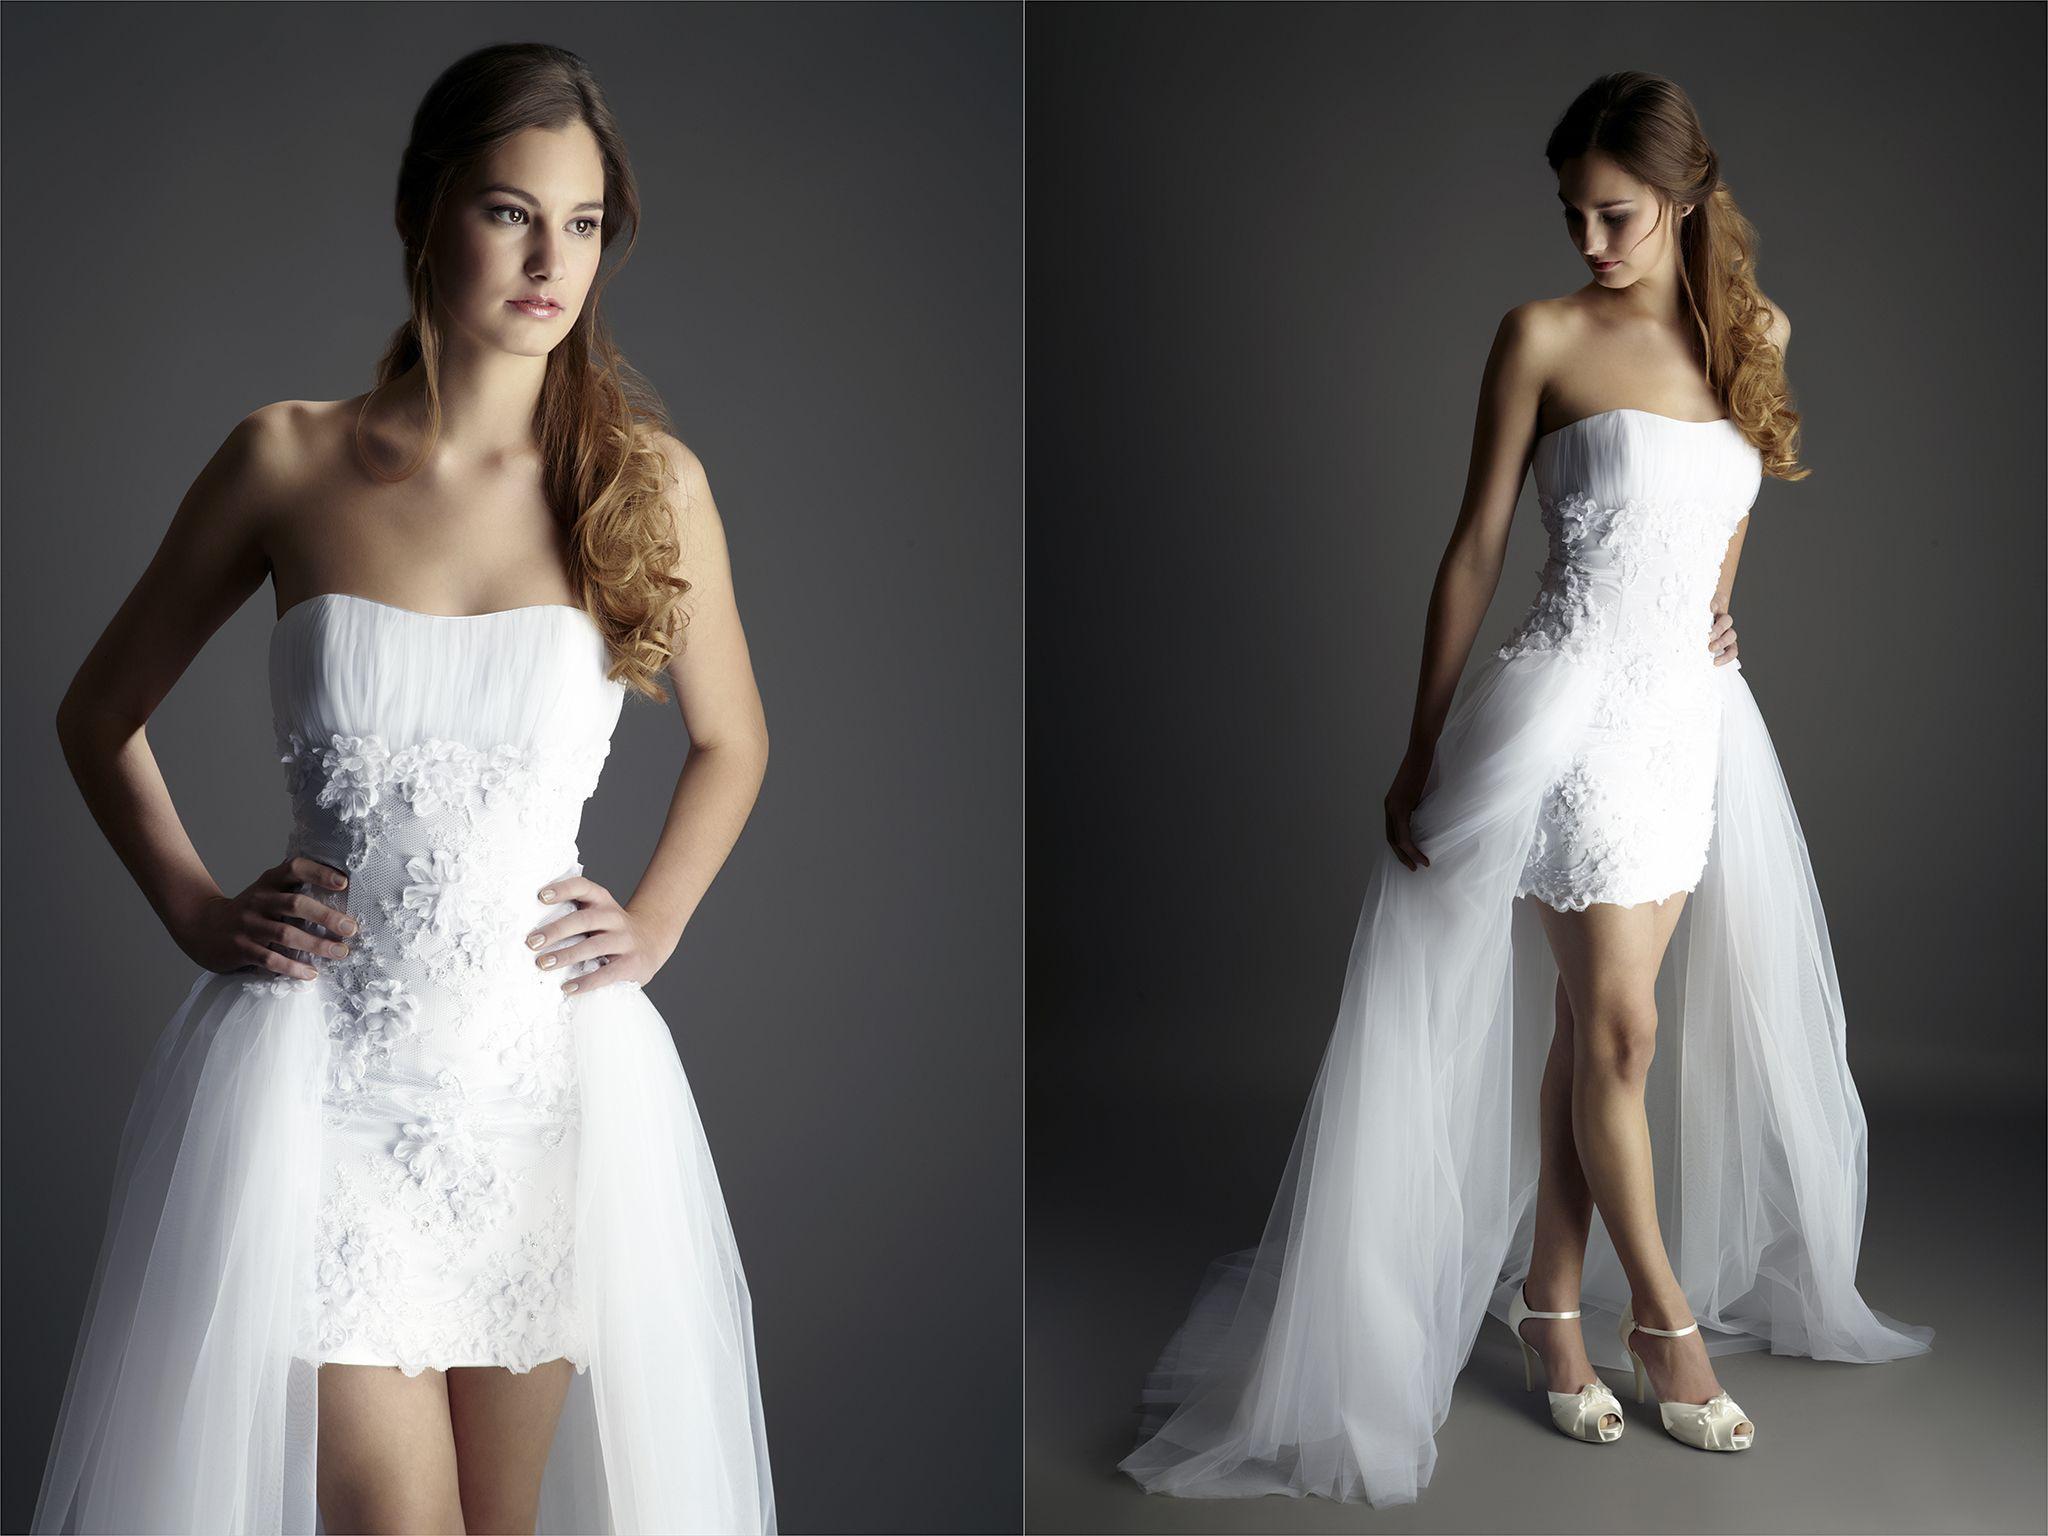 Billig Und Elegant Hochzeitskleid Vorne Kurz Hinten Lang